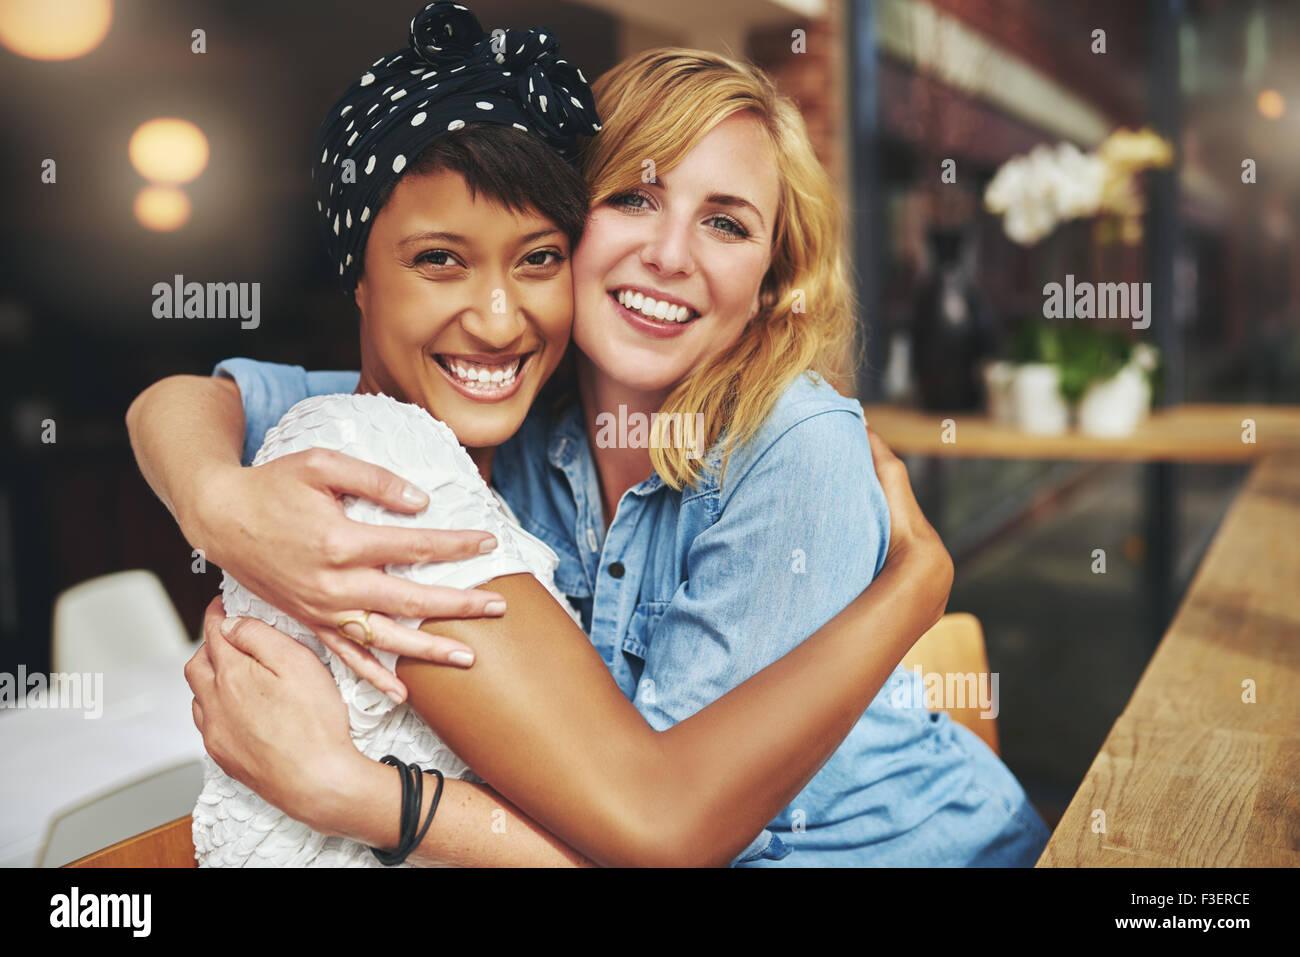 Deux happy young woman hugging mutuellement dans une étroite étreinte en riant et souriant, les jeunes femmes multiraciales Banque D'Images